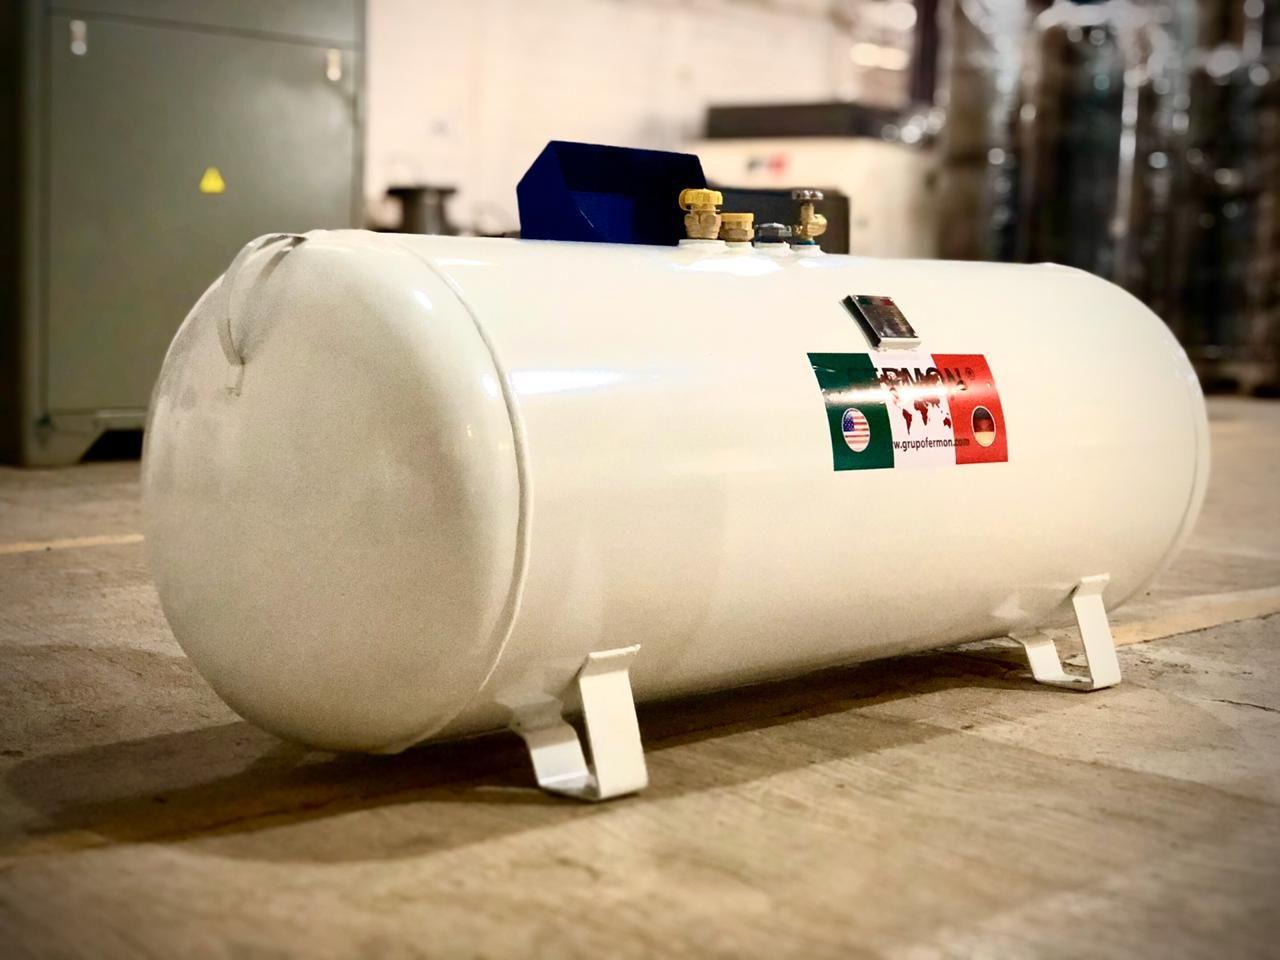 ¿Vas a comprar un tanque de gas estacionario? entonces toma nota